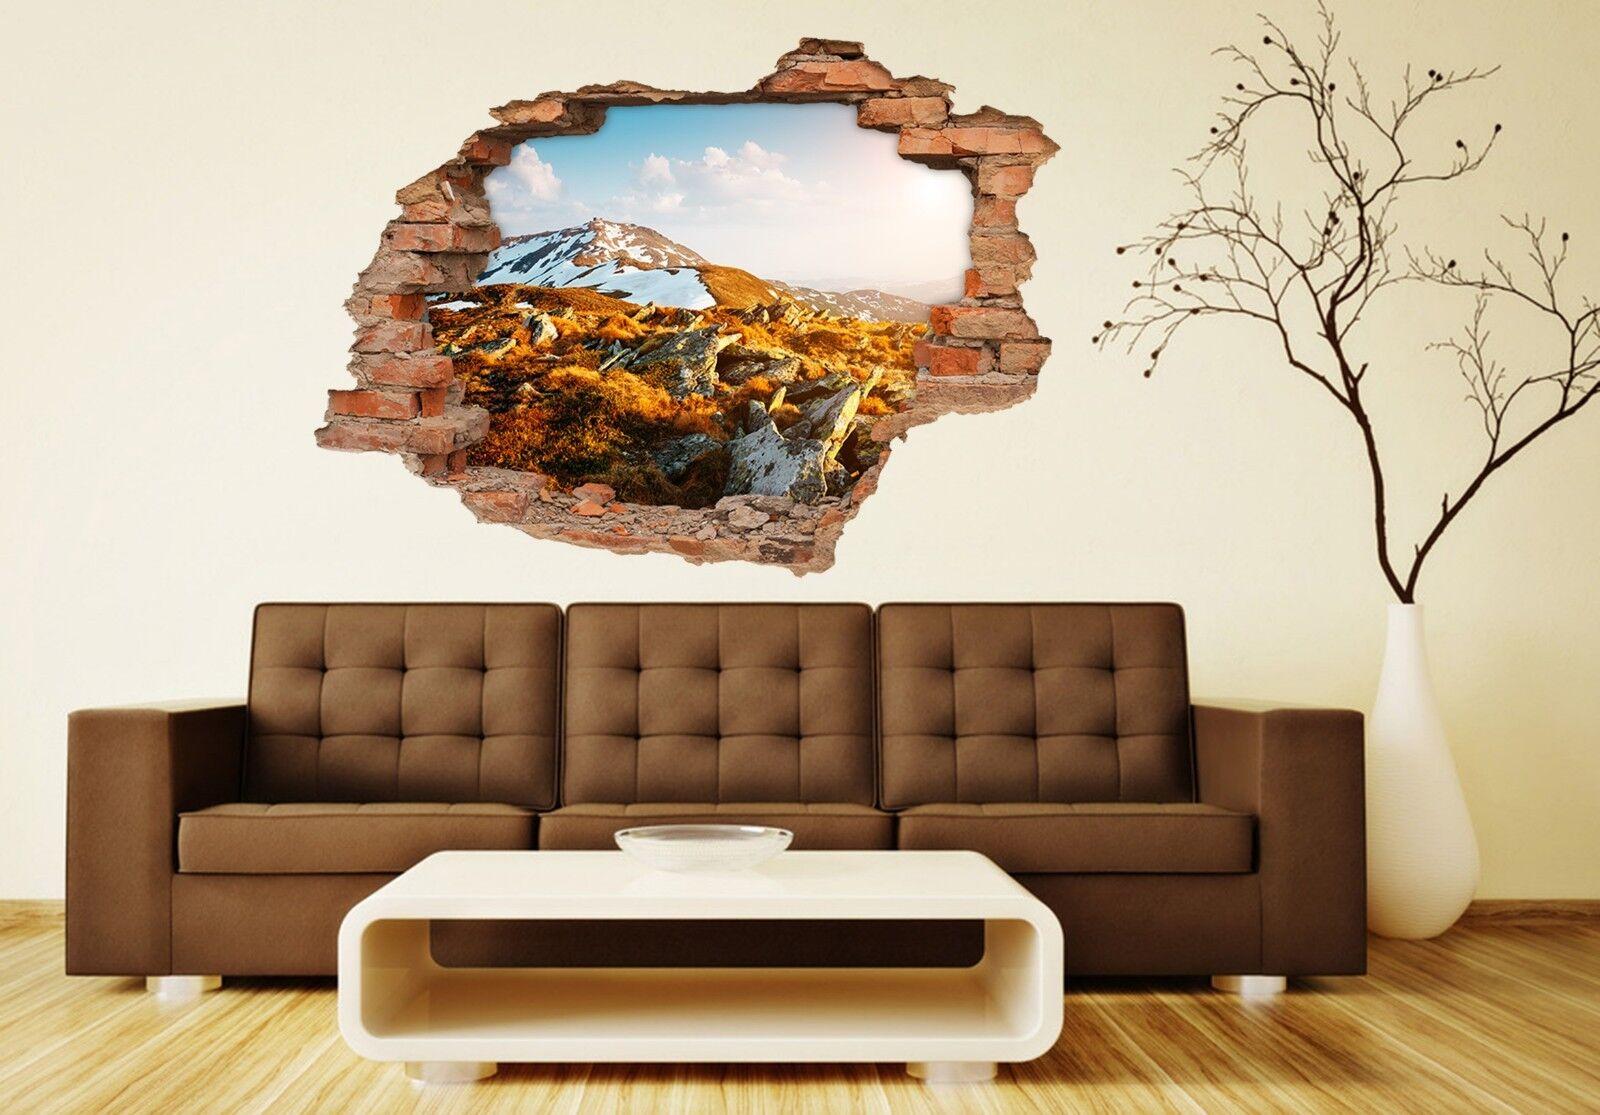 3D Berg Steine 137 Mauer Murals Mauer Aufklebe Decal Durchbruch AJ WALLPAPER DE